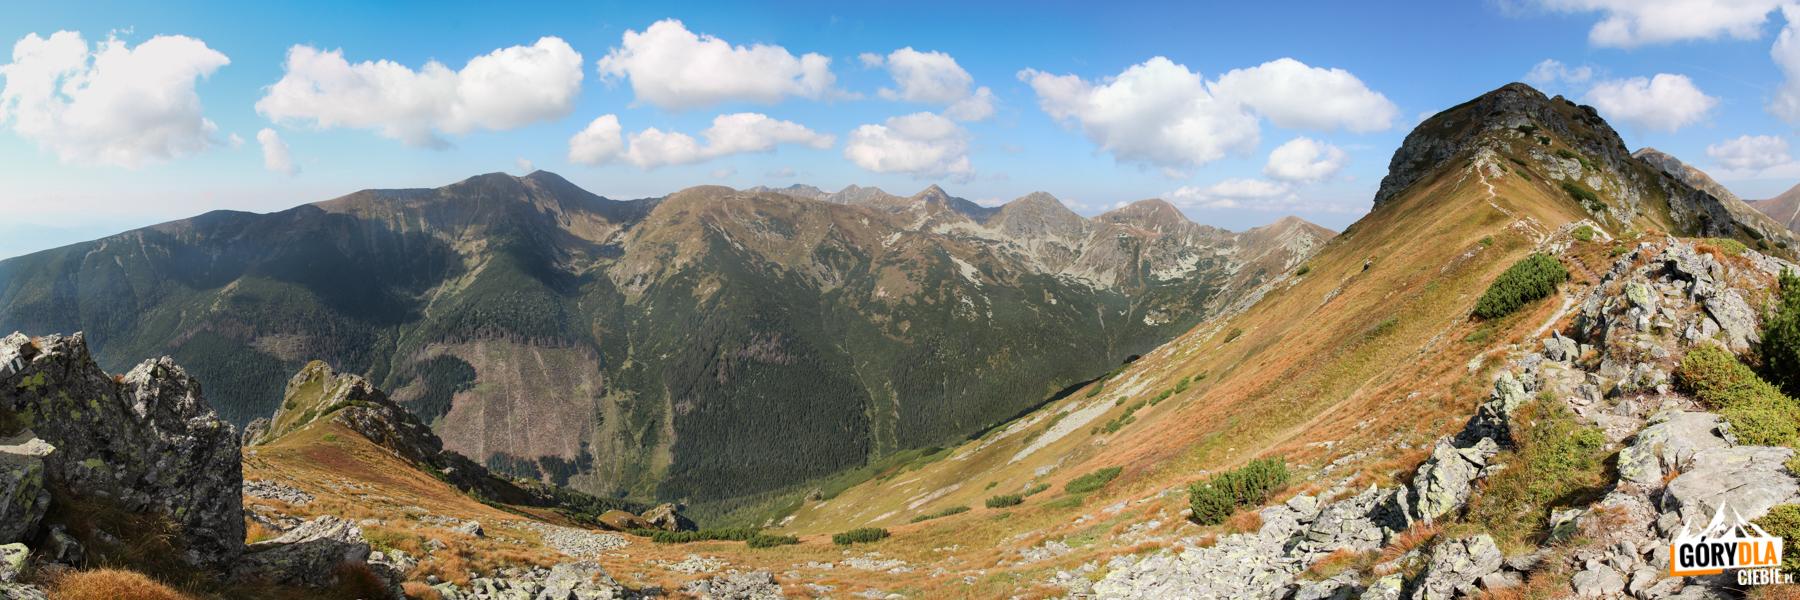 Panorama z Niżnej Magury (1920 m) na Baraniec (2185 m), Smrek (2071 m), Banówkę (2178 m), Hrubą Kopę (2166 m), Rohacze – Płaczliwy (2125 m) i Ostry (2088 m), Wołowiec (2064 m) i Łopatę (1958 m)